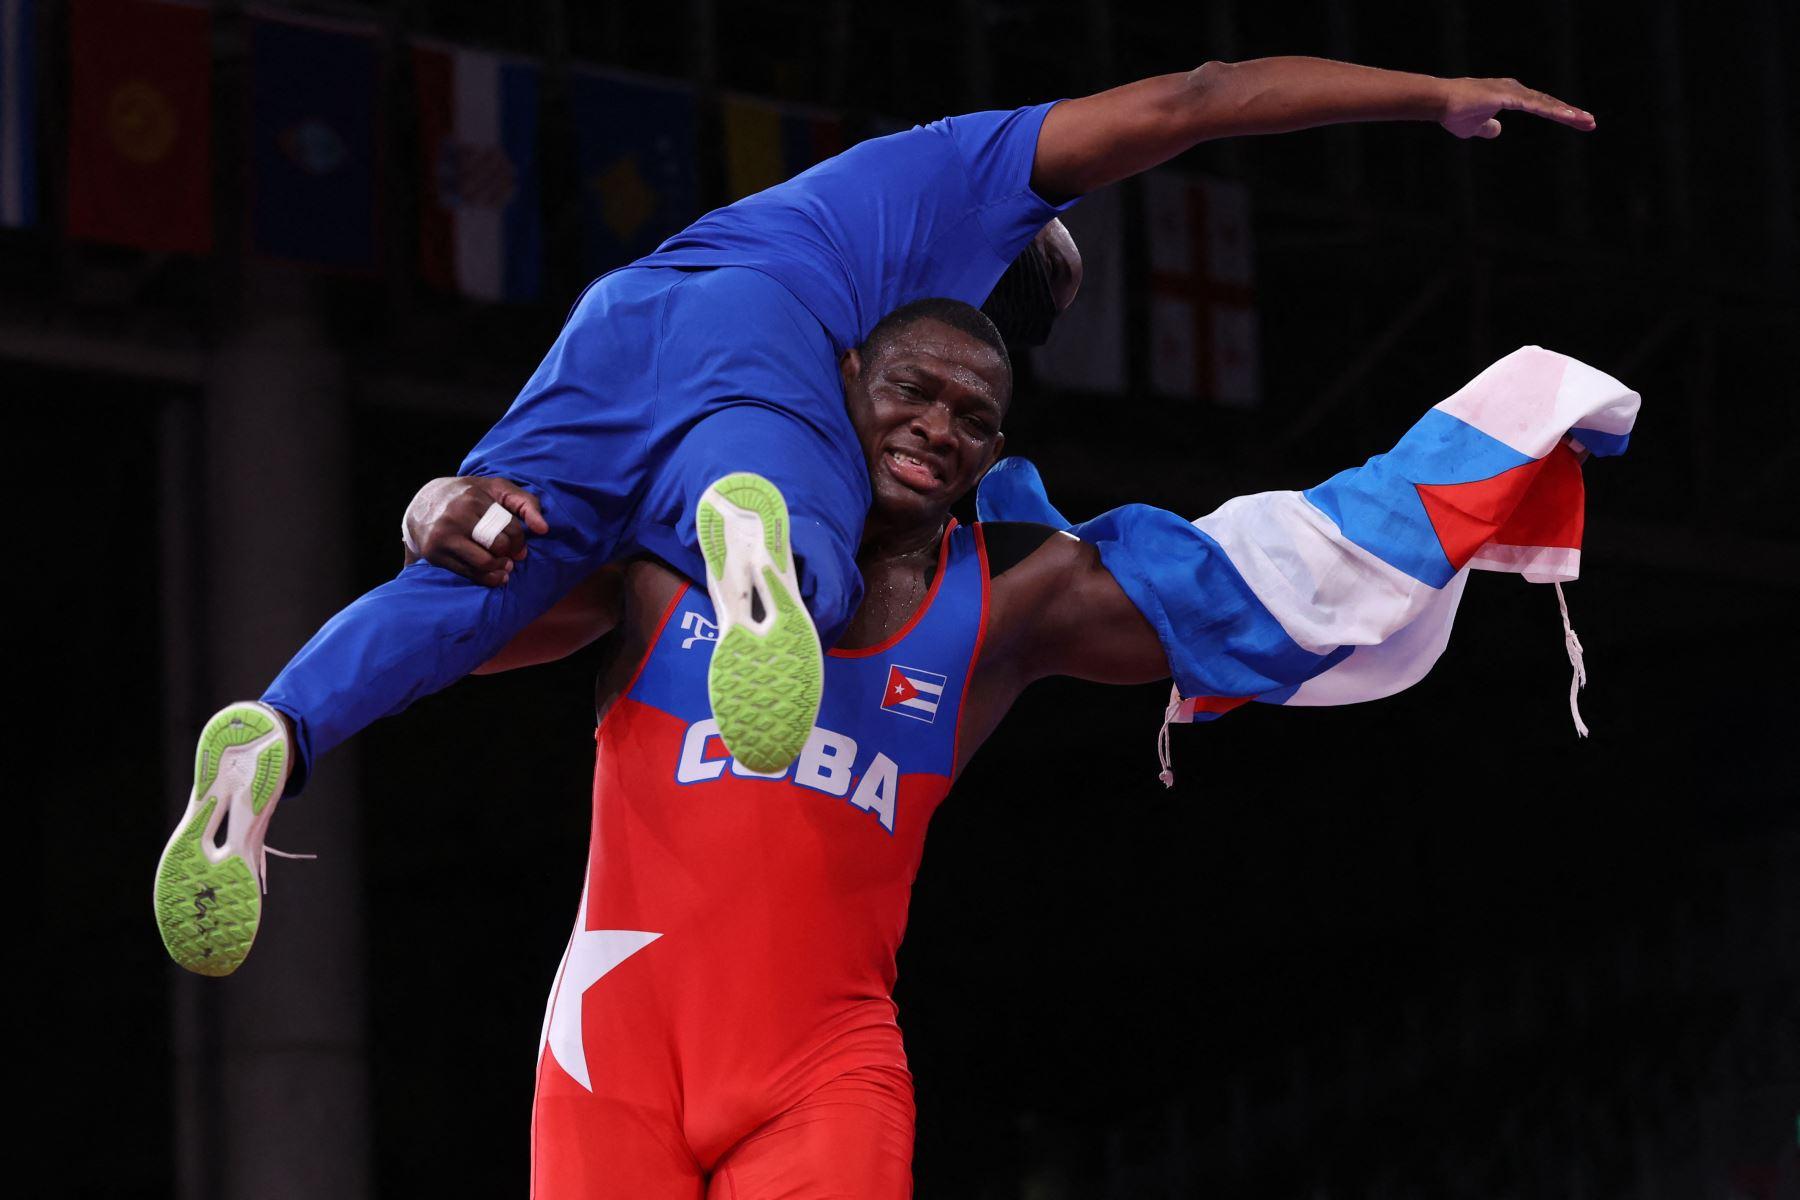 Mijain López Núñez de Cuba lleva a su entrenador mientras celebra su victoria por la medalla de oro contra Iakobi Kajaia de Georgia en la final de lucha grecorromana masculina de 130 kg durante los Juegos Olímpicos de Tokio 2020 en el Makuhari Messe en Tokio. Foto: AFP